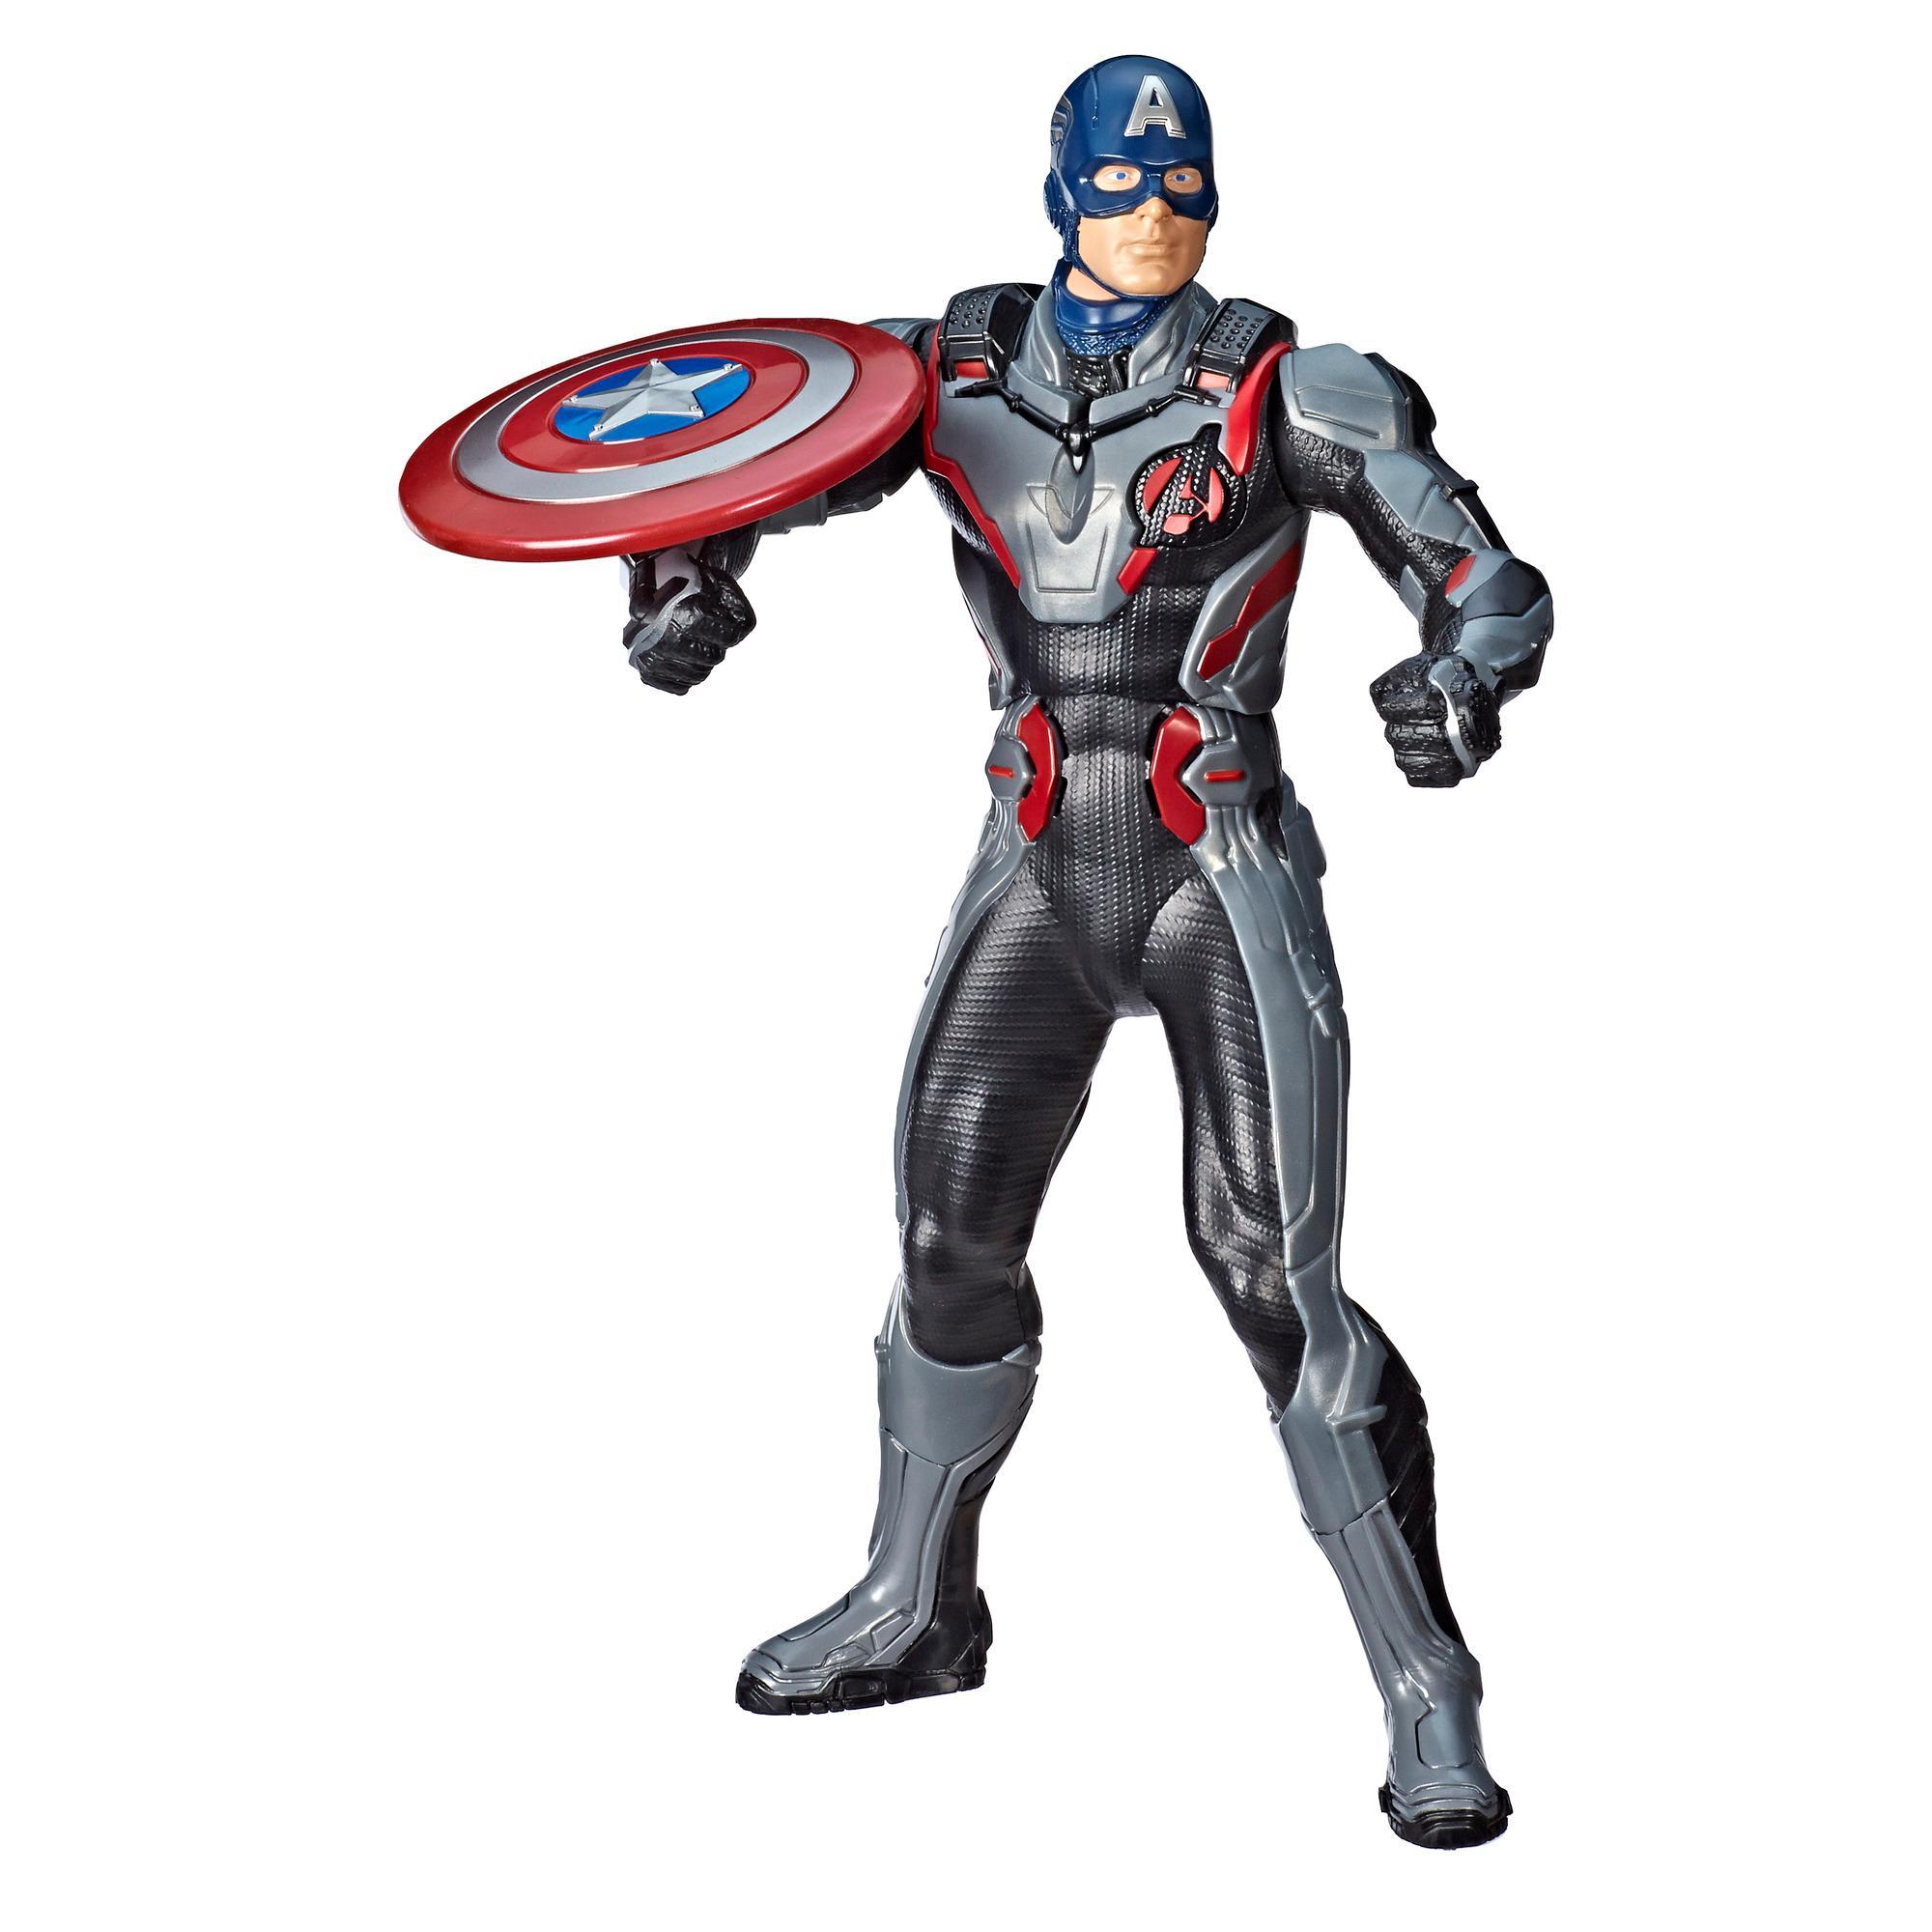 Marvel Avengers - Avengers: Endgame Capitán América Impacto de escudo - Figura de Capitán América de 33 cm con 15+ frases y sonidos